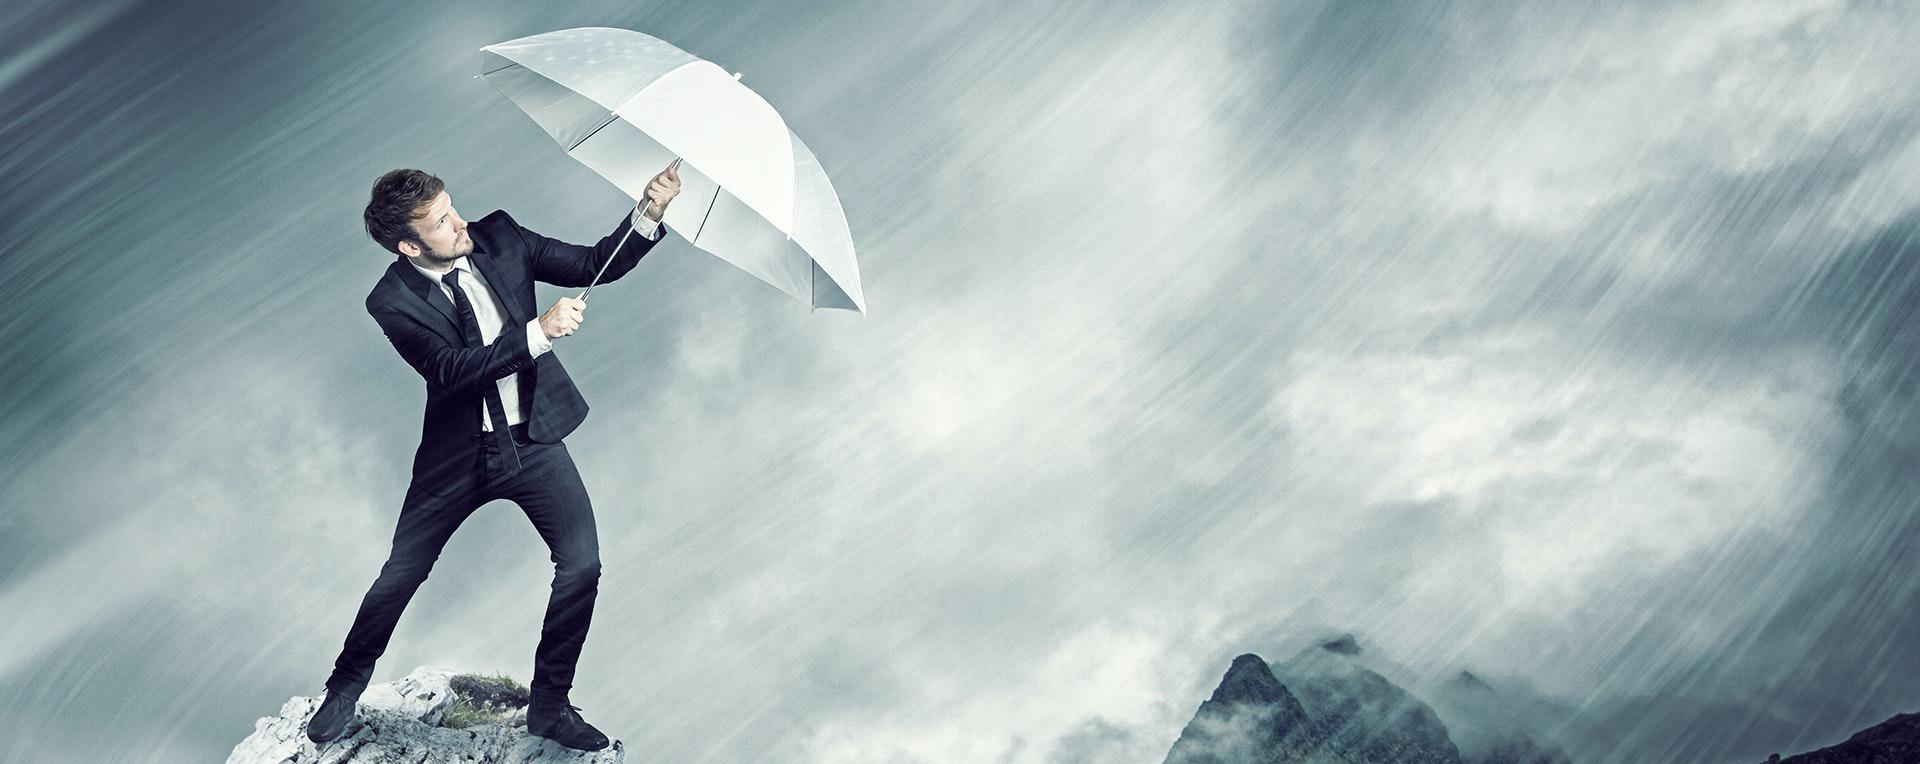 Banner Rainmaker Saleshow Oy